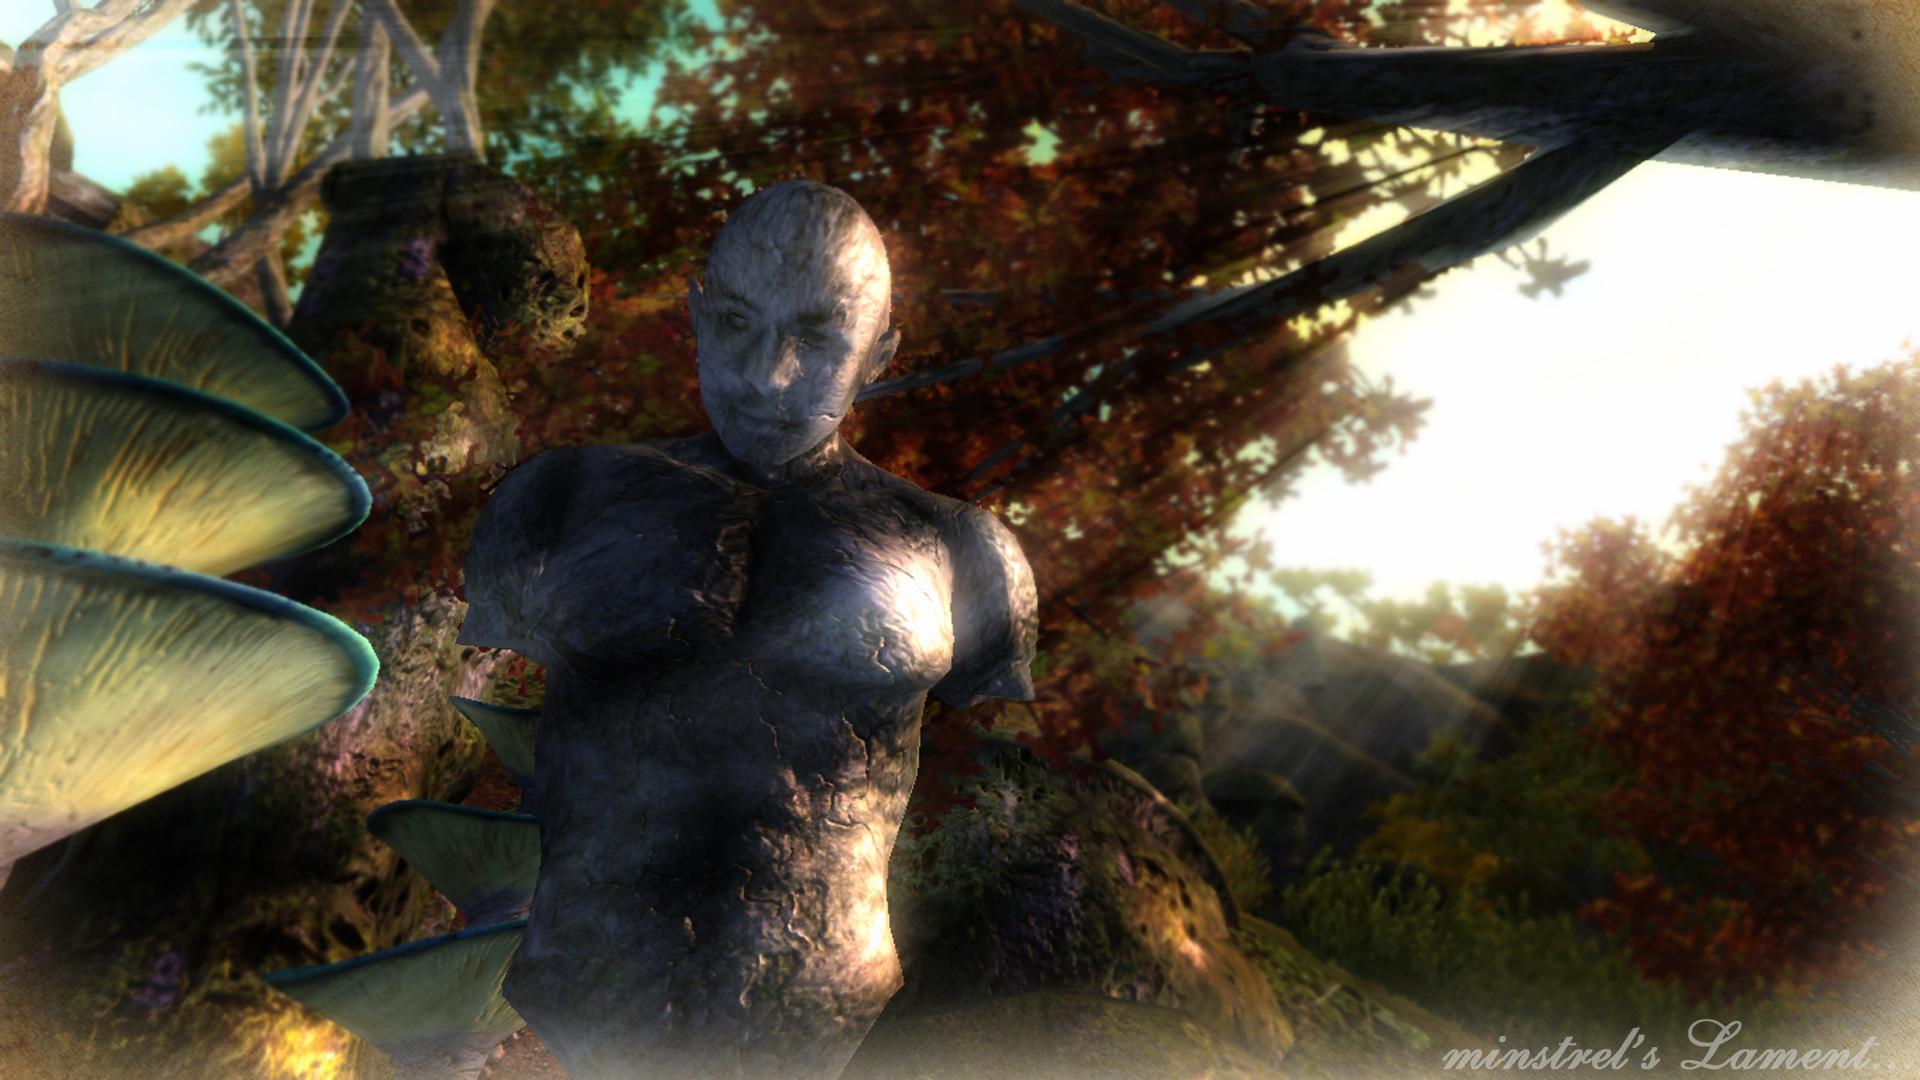 The Elder Scrolls Oblivion Nostalgia Wallpaper 2 By Skstalker On